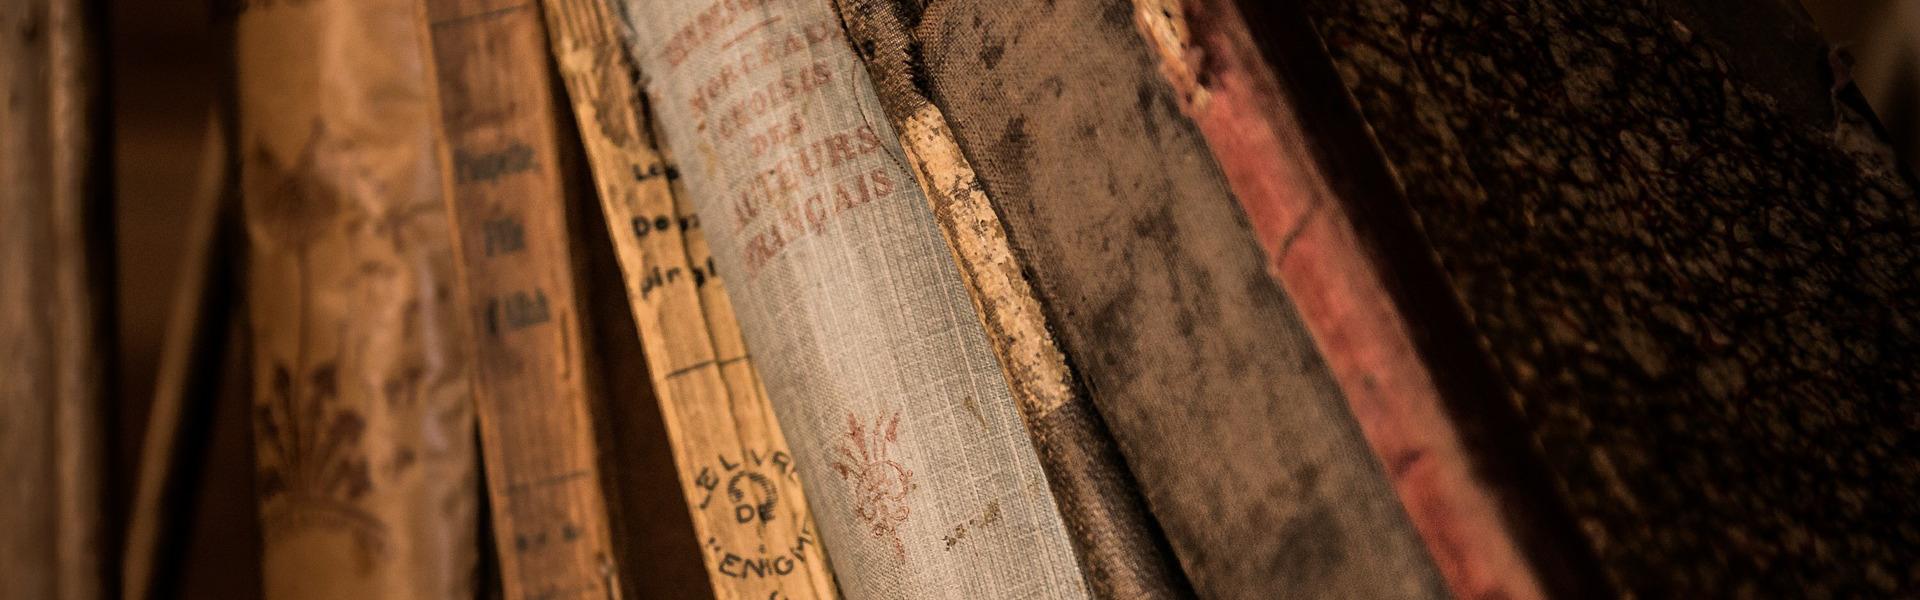 cop-archivio-sistema-integrato-musei-e-biblioteche